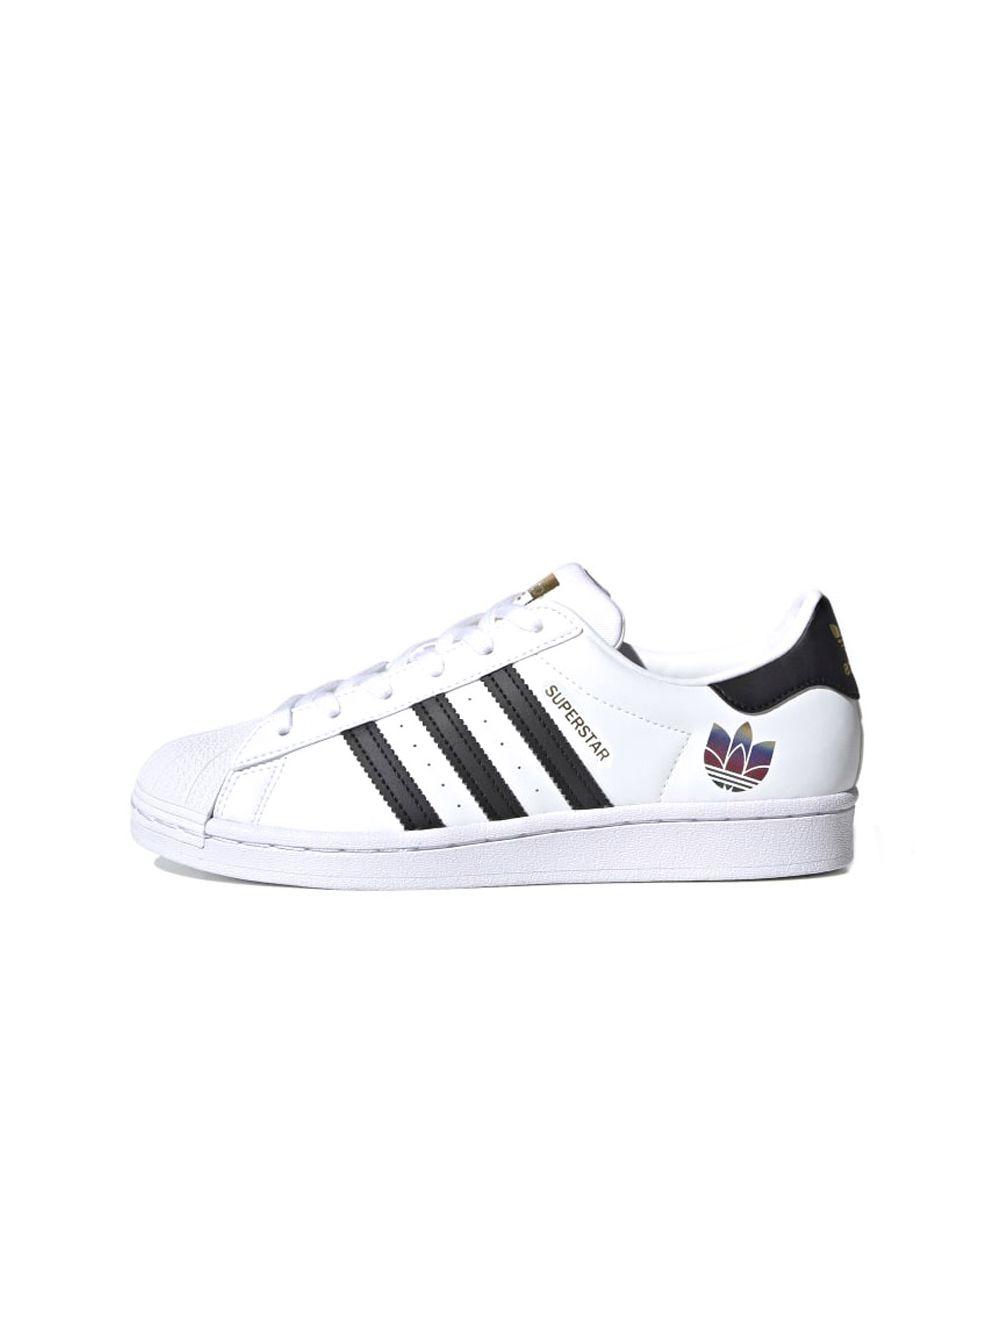 Mar Mala fe mañana  adidas Originals Superstar Womens Black White